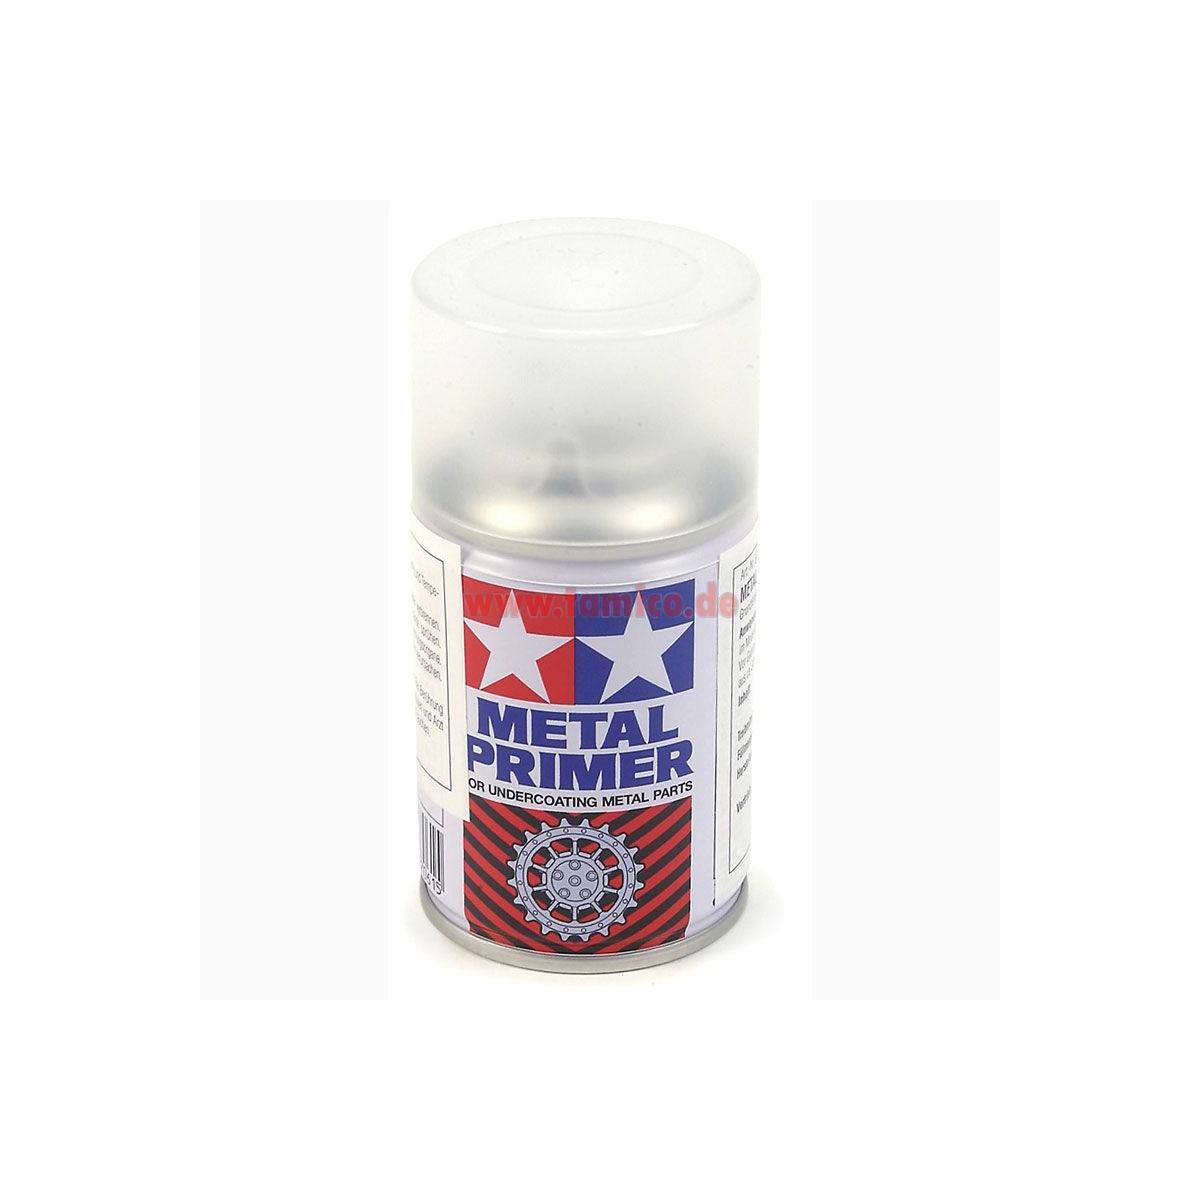 tamiya metal primer / metallgrundierungs-spray 100ml #87061